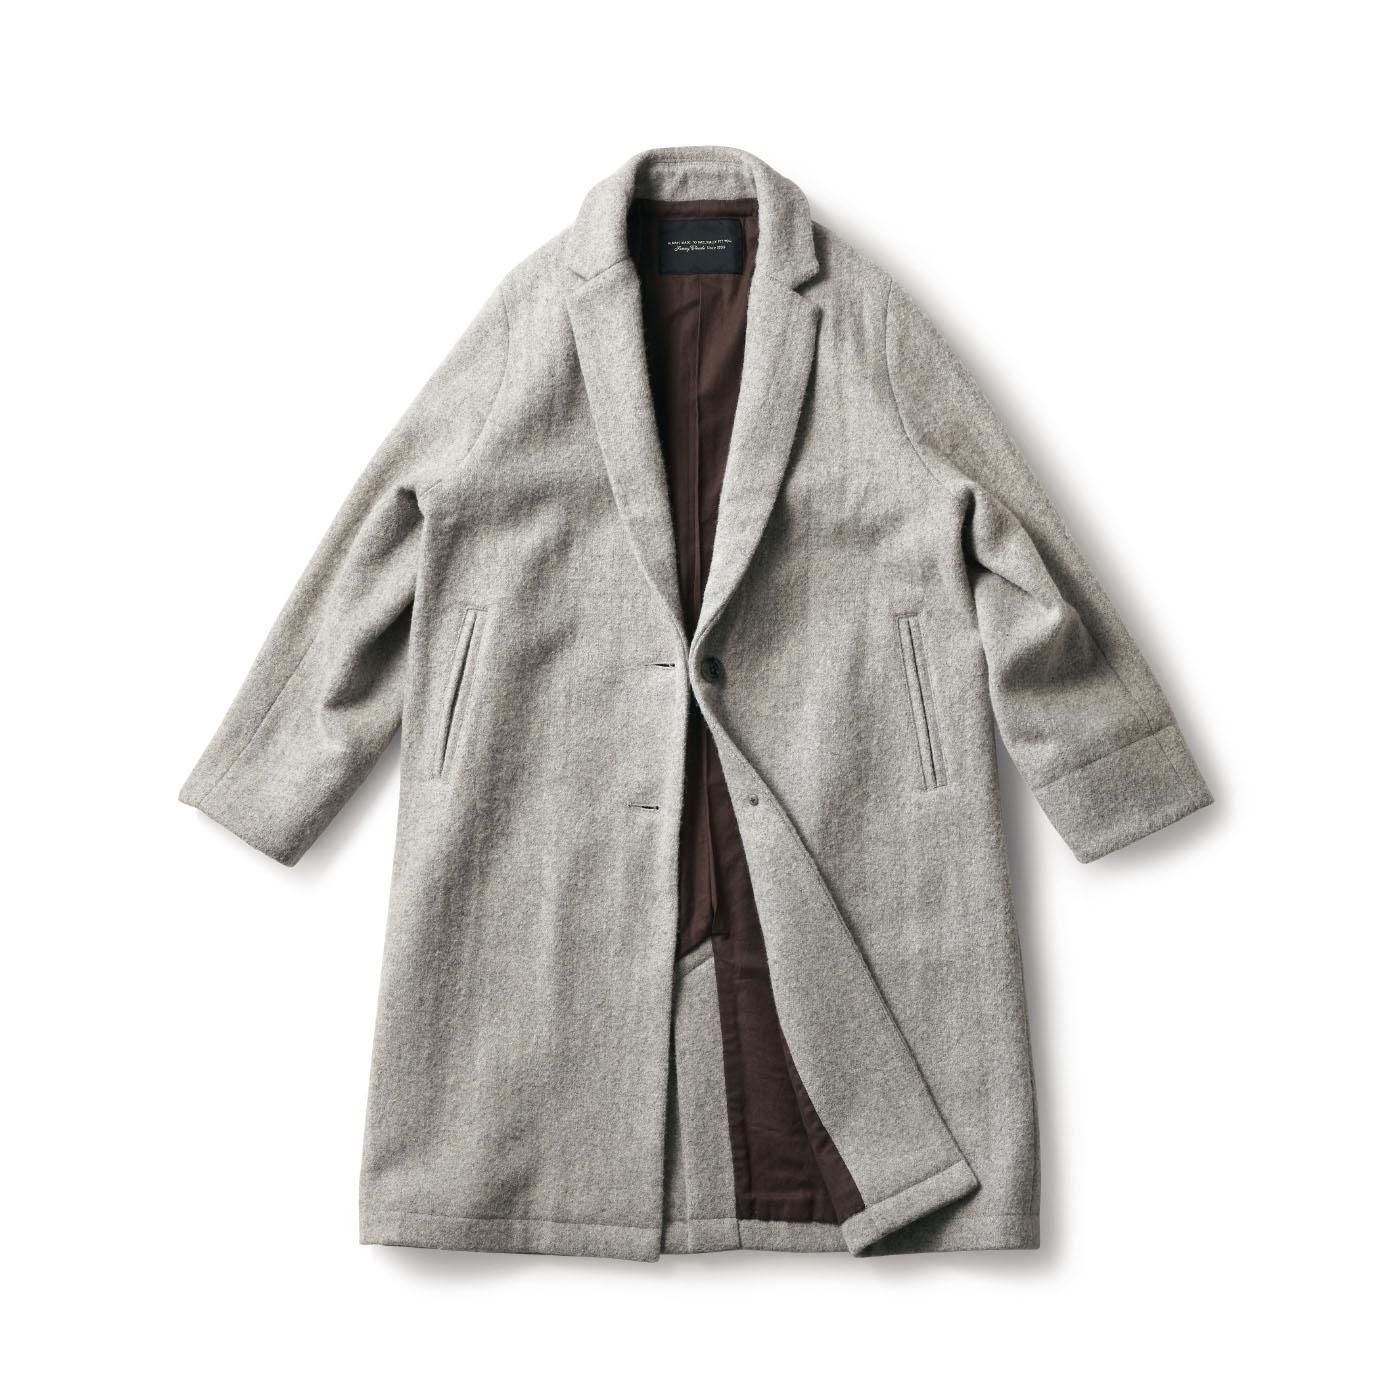 フェリシモ SUNNY CLOUDS グレーツイードのチェスターコート〈レディース〉